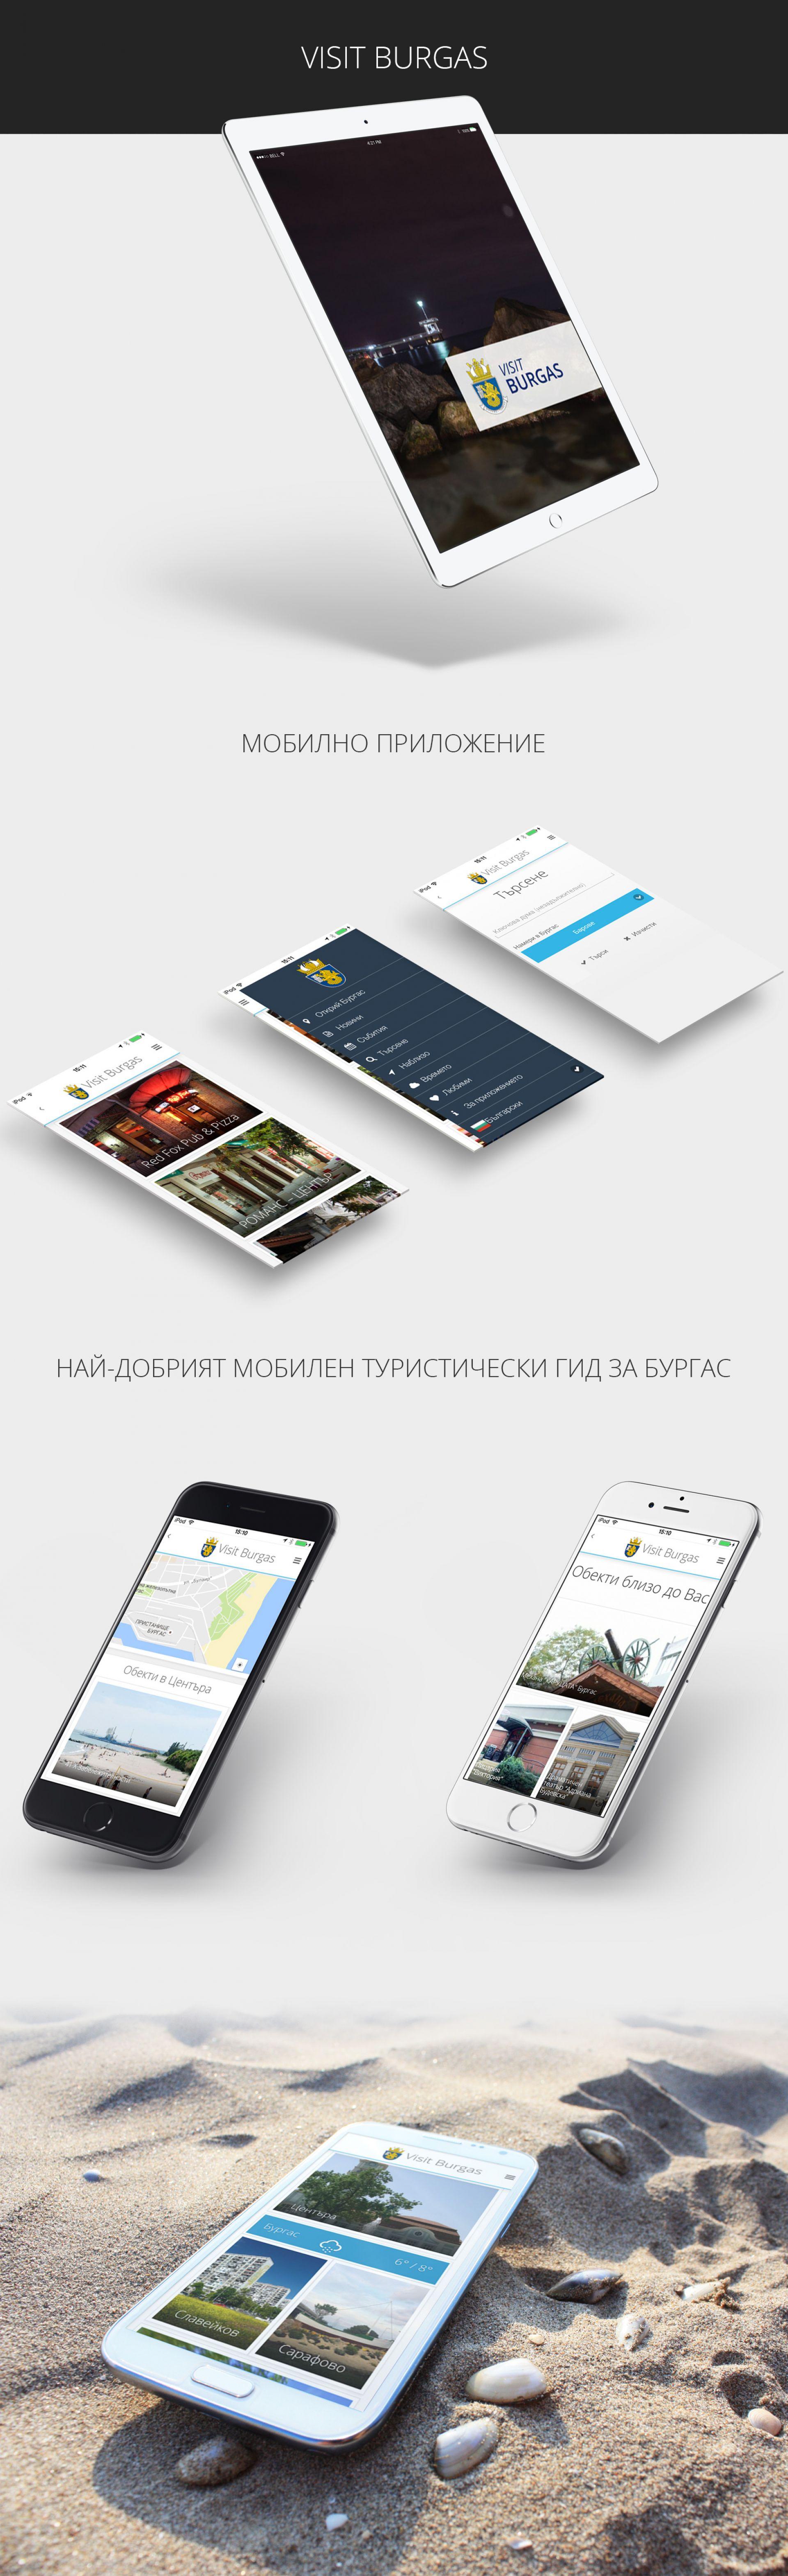 Visit Burgas - Мобилно приложение